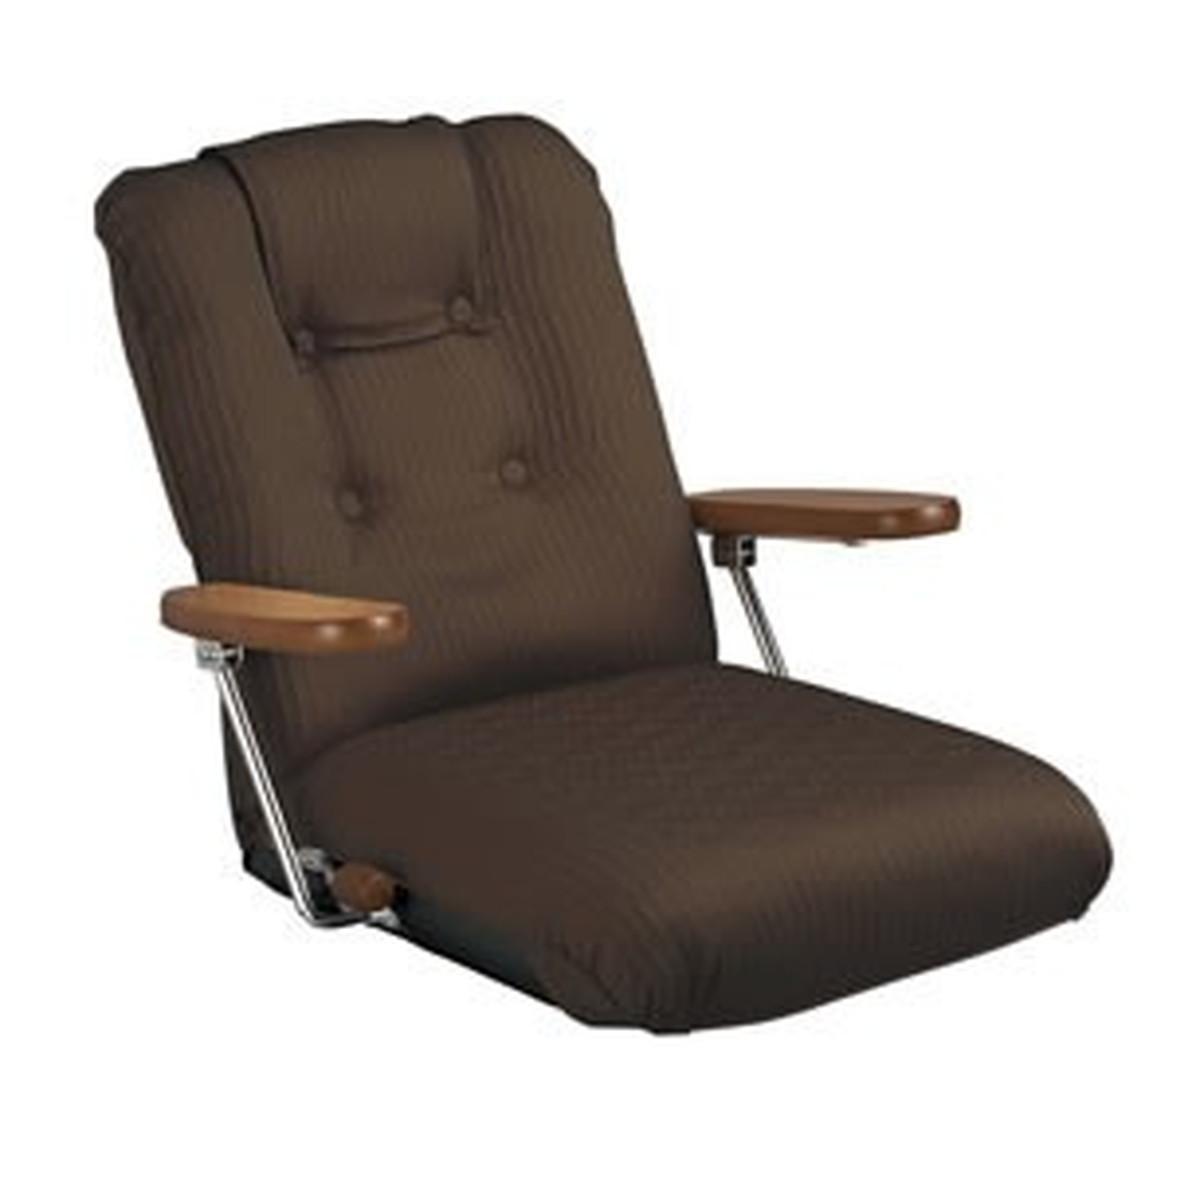 ポケットコイル仕様 リクライニング 肘付 座椅子 (ブラウン)